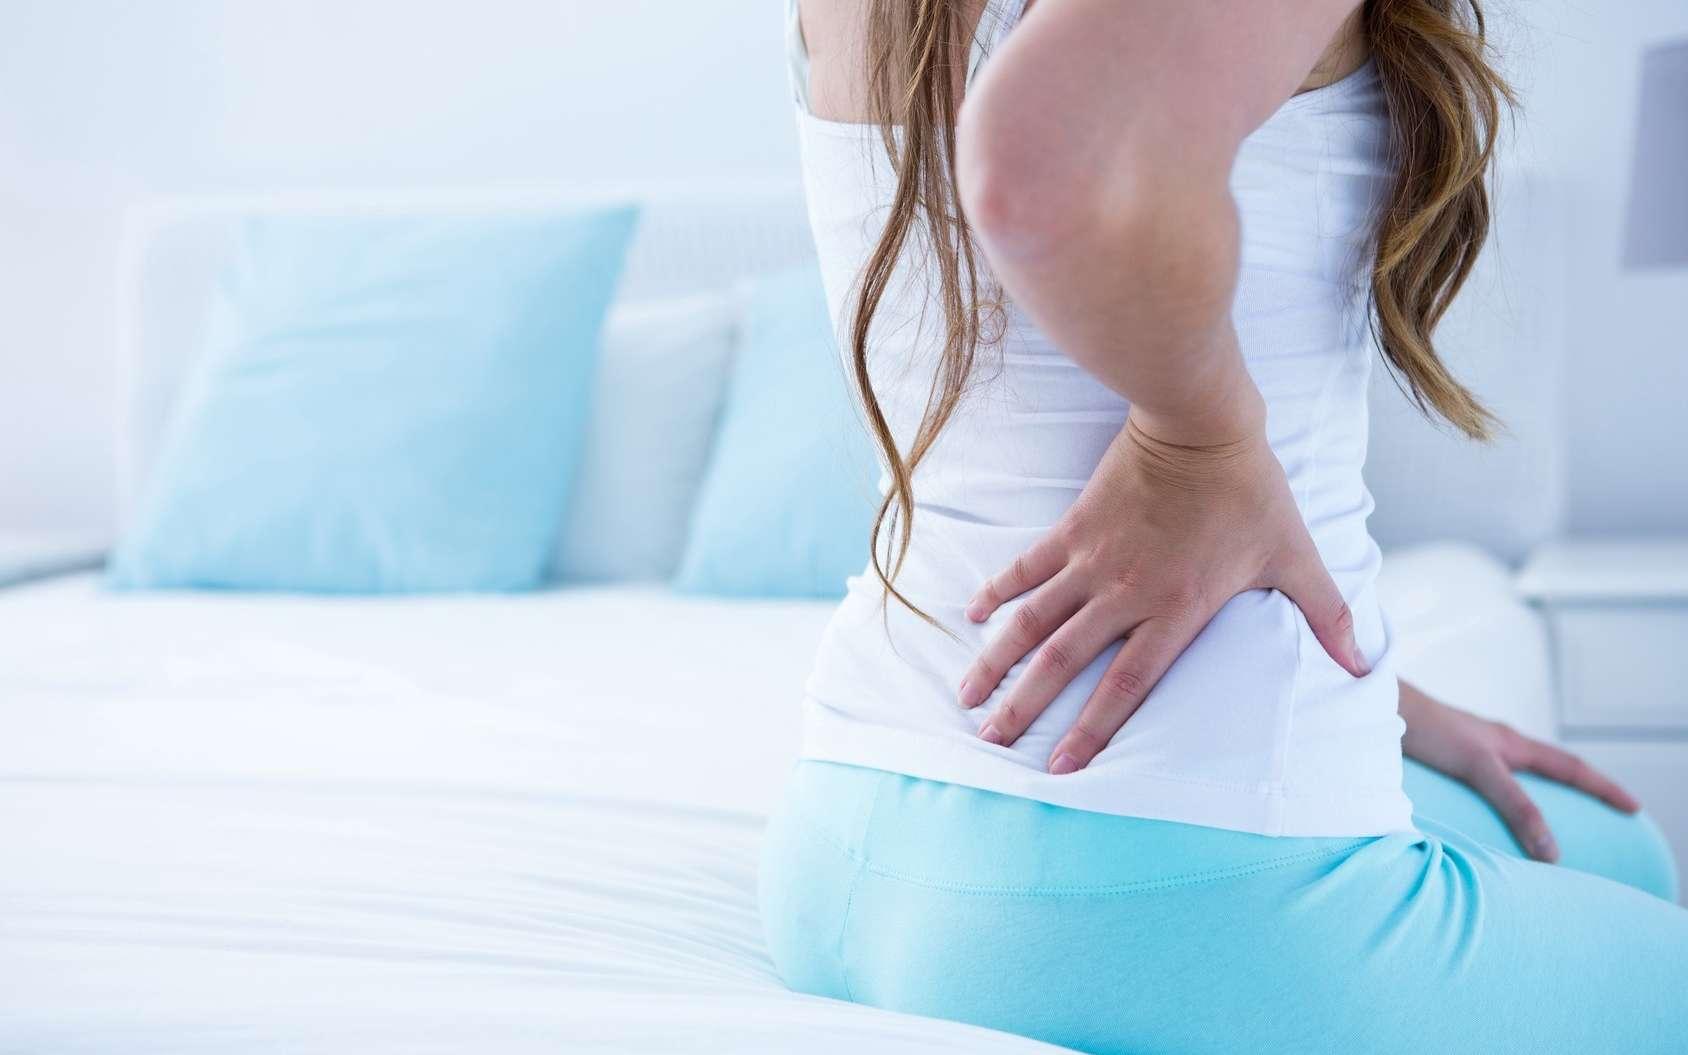 Le mal de dos est l'une des principales causes d'incapacité physique chez les salariés. © WavebreakMediaMicro, Fotolia